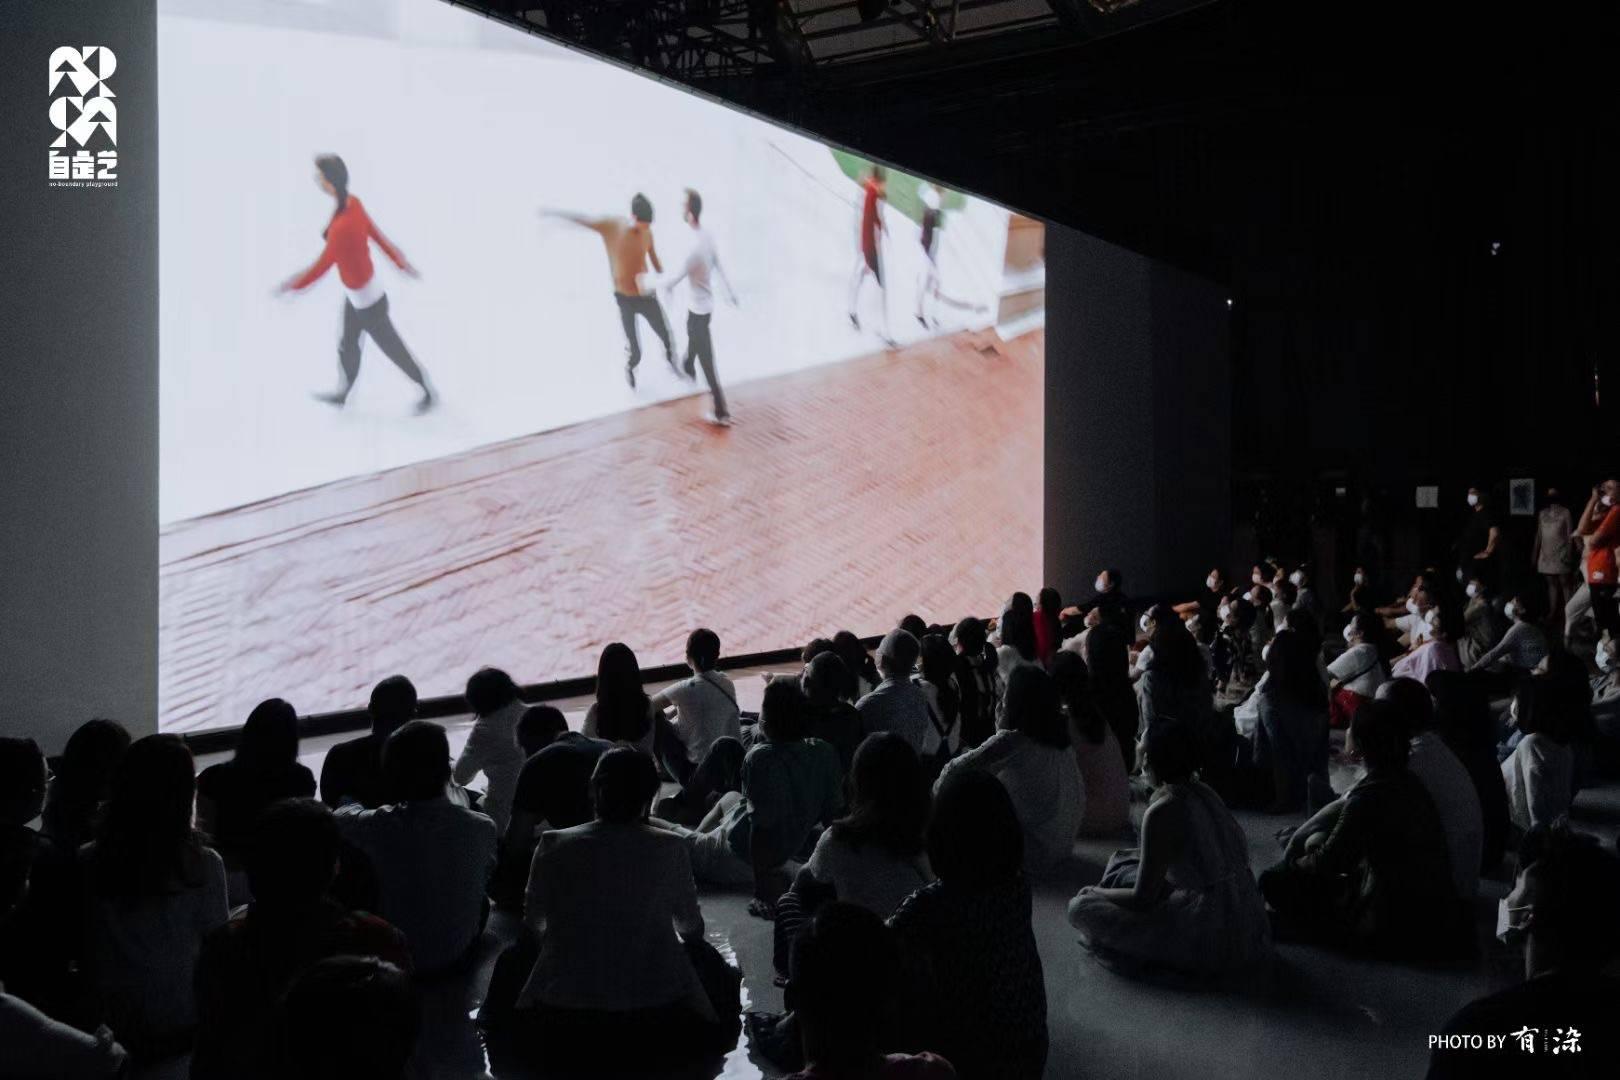 穹顶之下,没有座位的《融》全球首演  见证沈伟艺术新探索